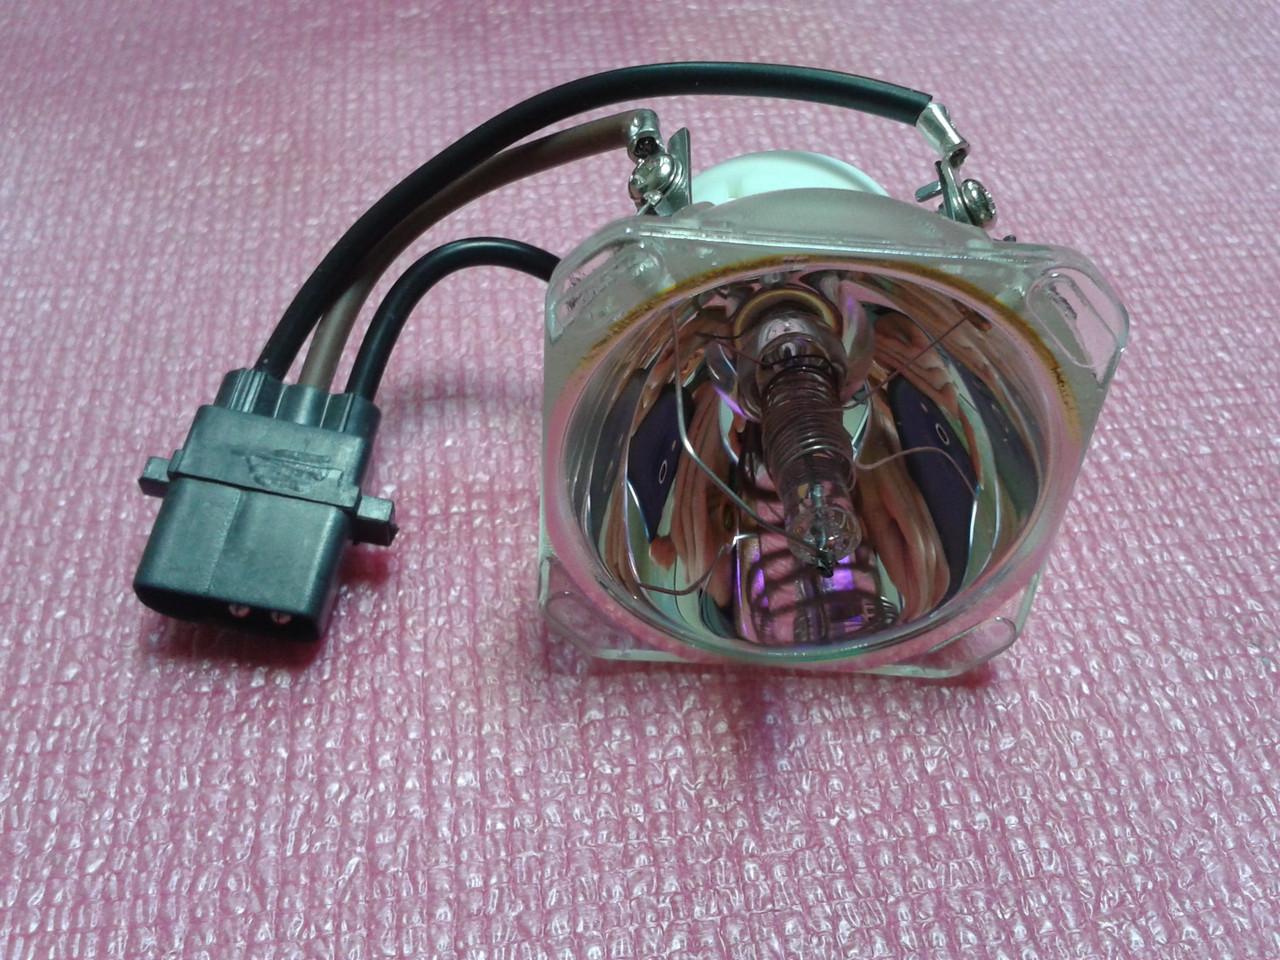 Лампа VLT-XD206LP для проектора Mitsubishi SD206U, XD206U, MD-307S, MD-307X